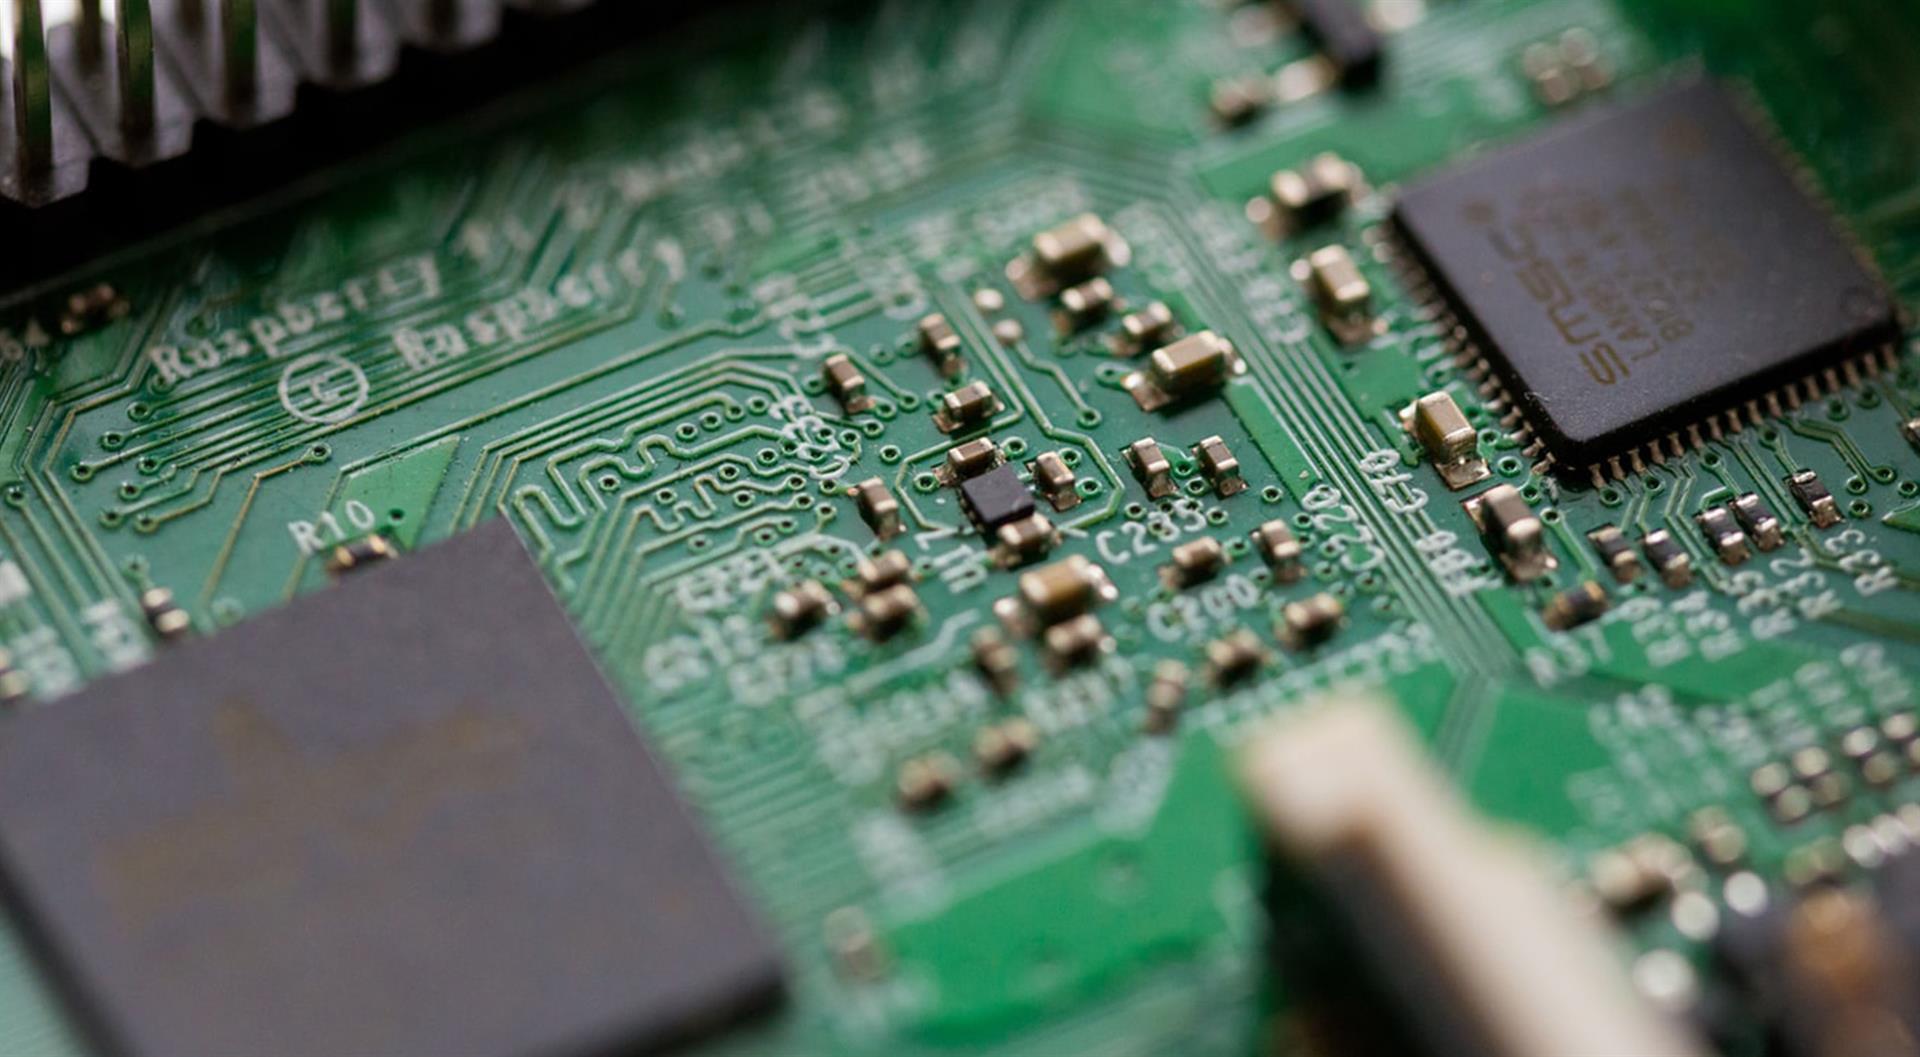 tyhjiögeneraattori elektroniikkateollisuus